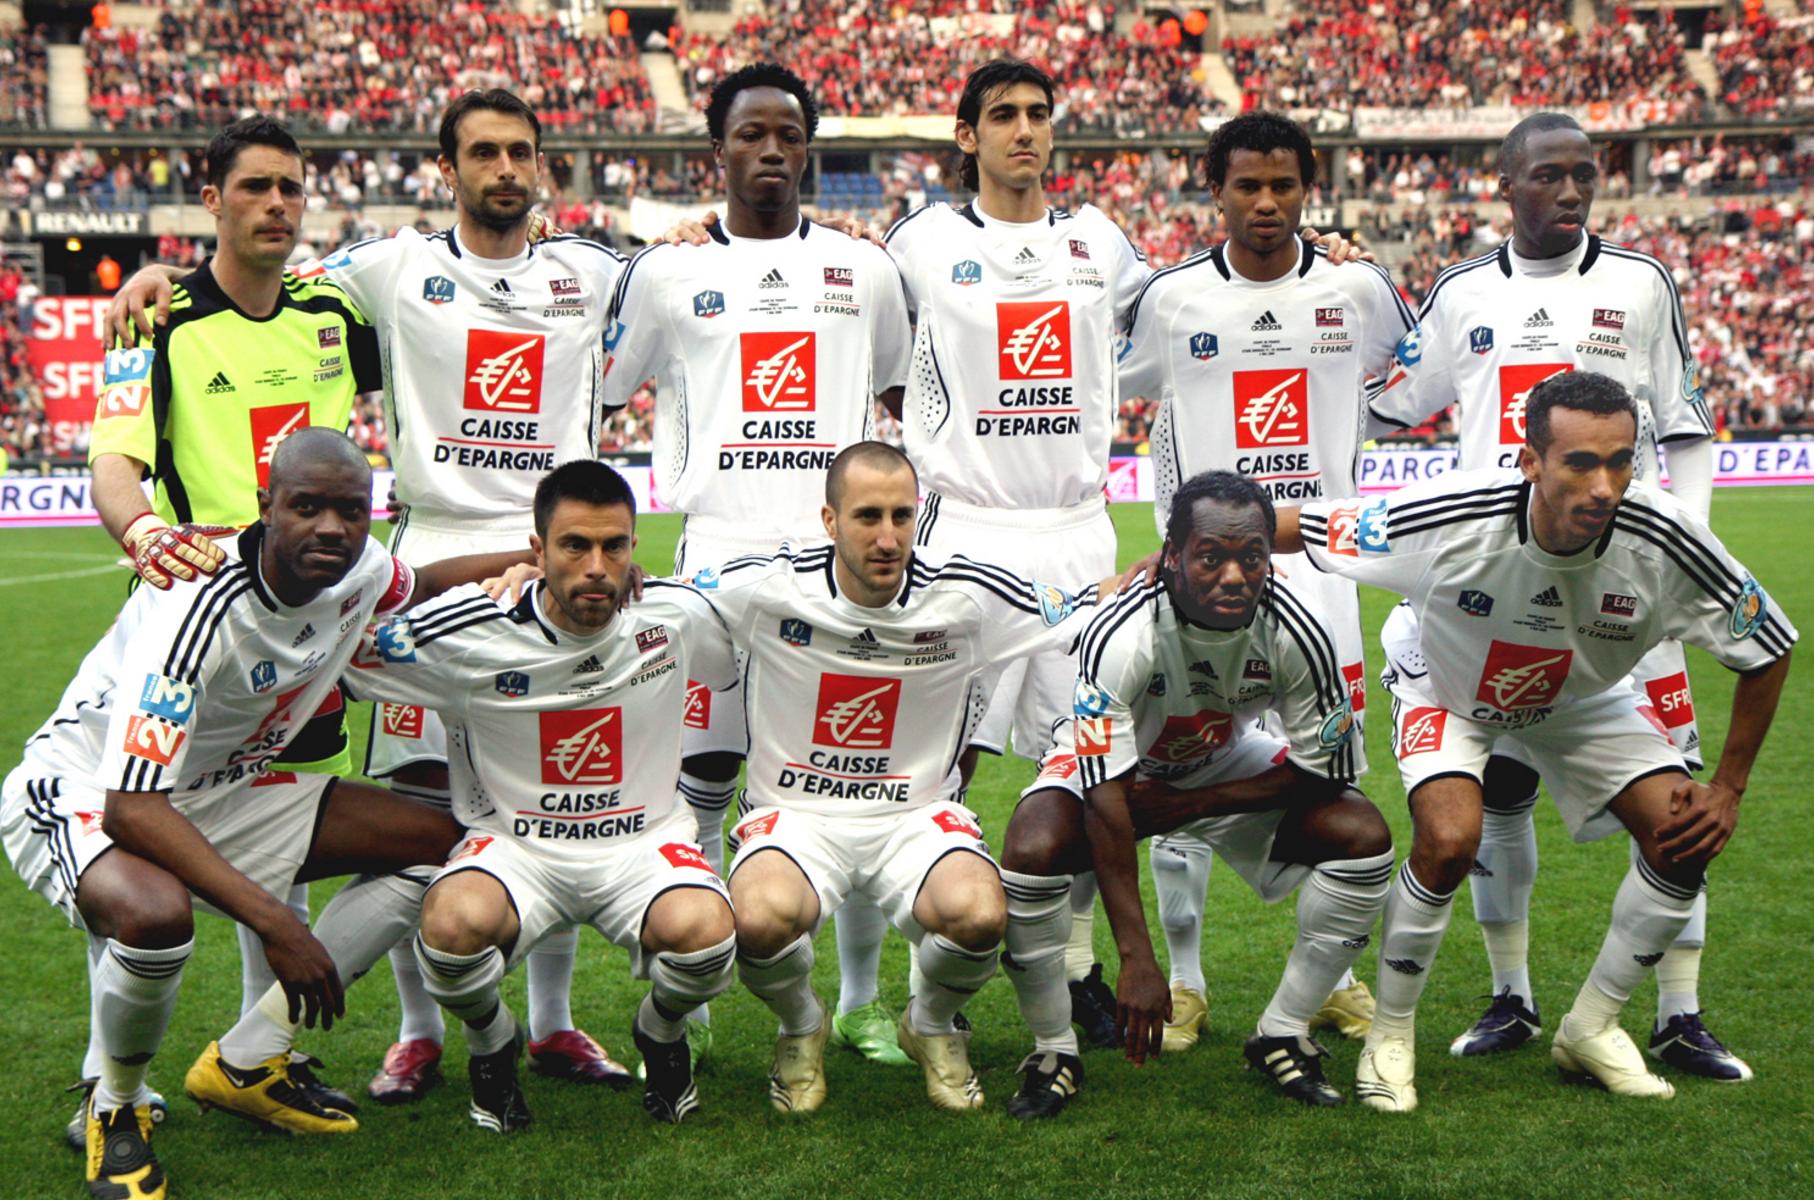 2008 2010 la coupe de france 2009 en avant de guingamp - Guingamp coupe de france ...